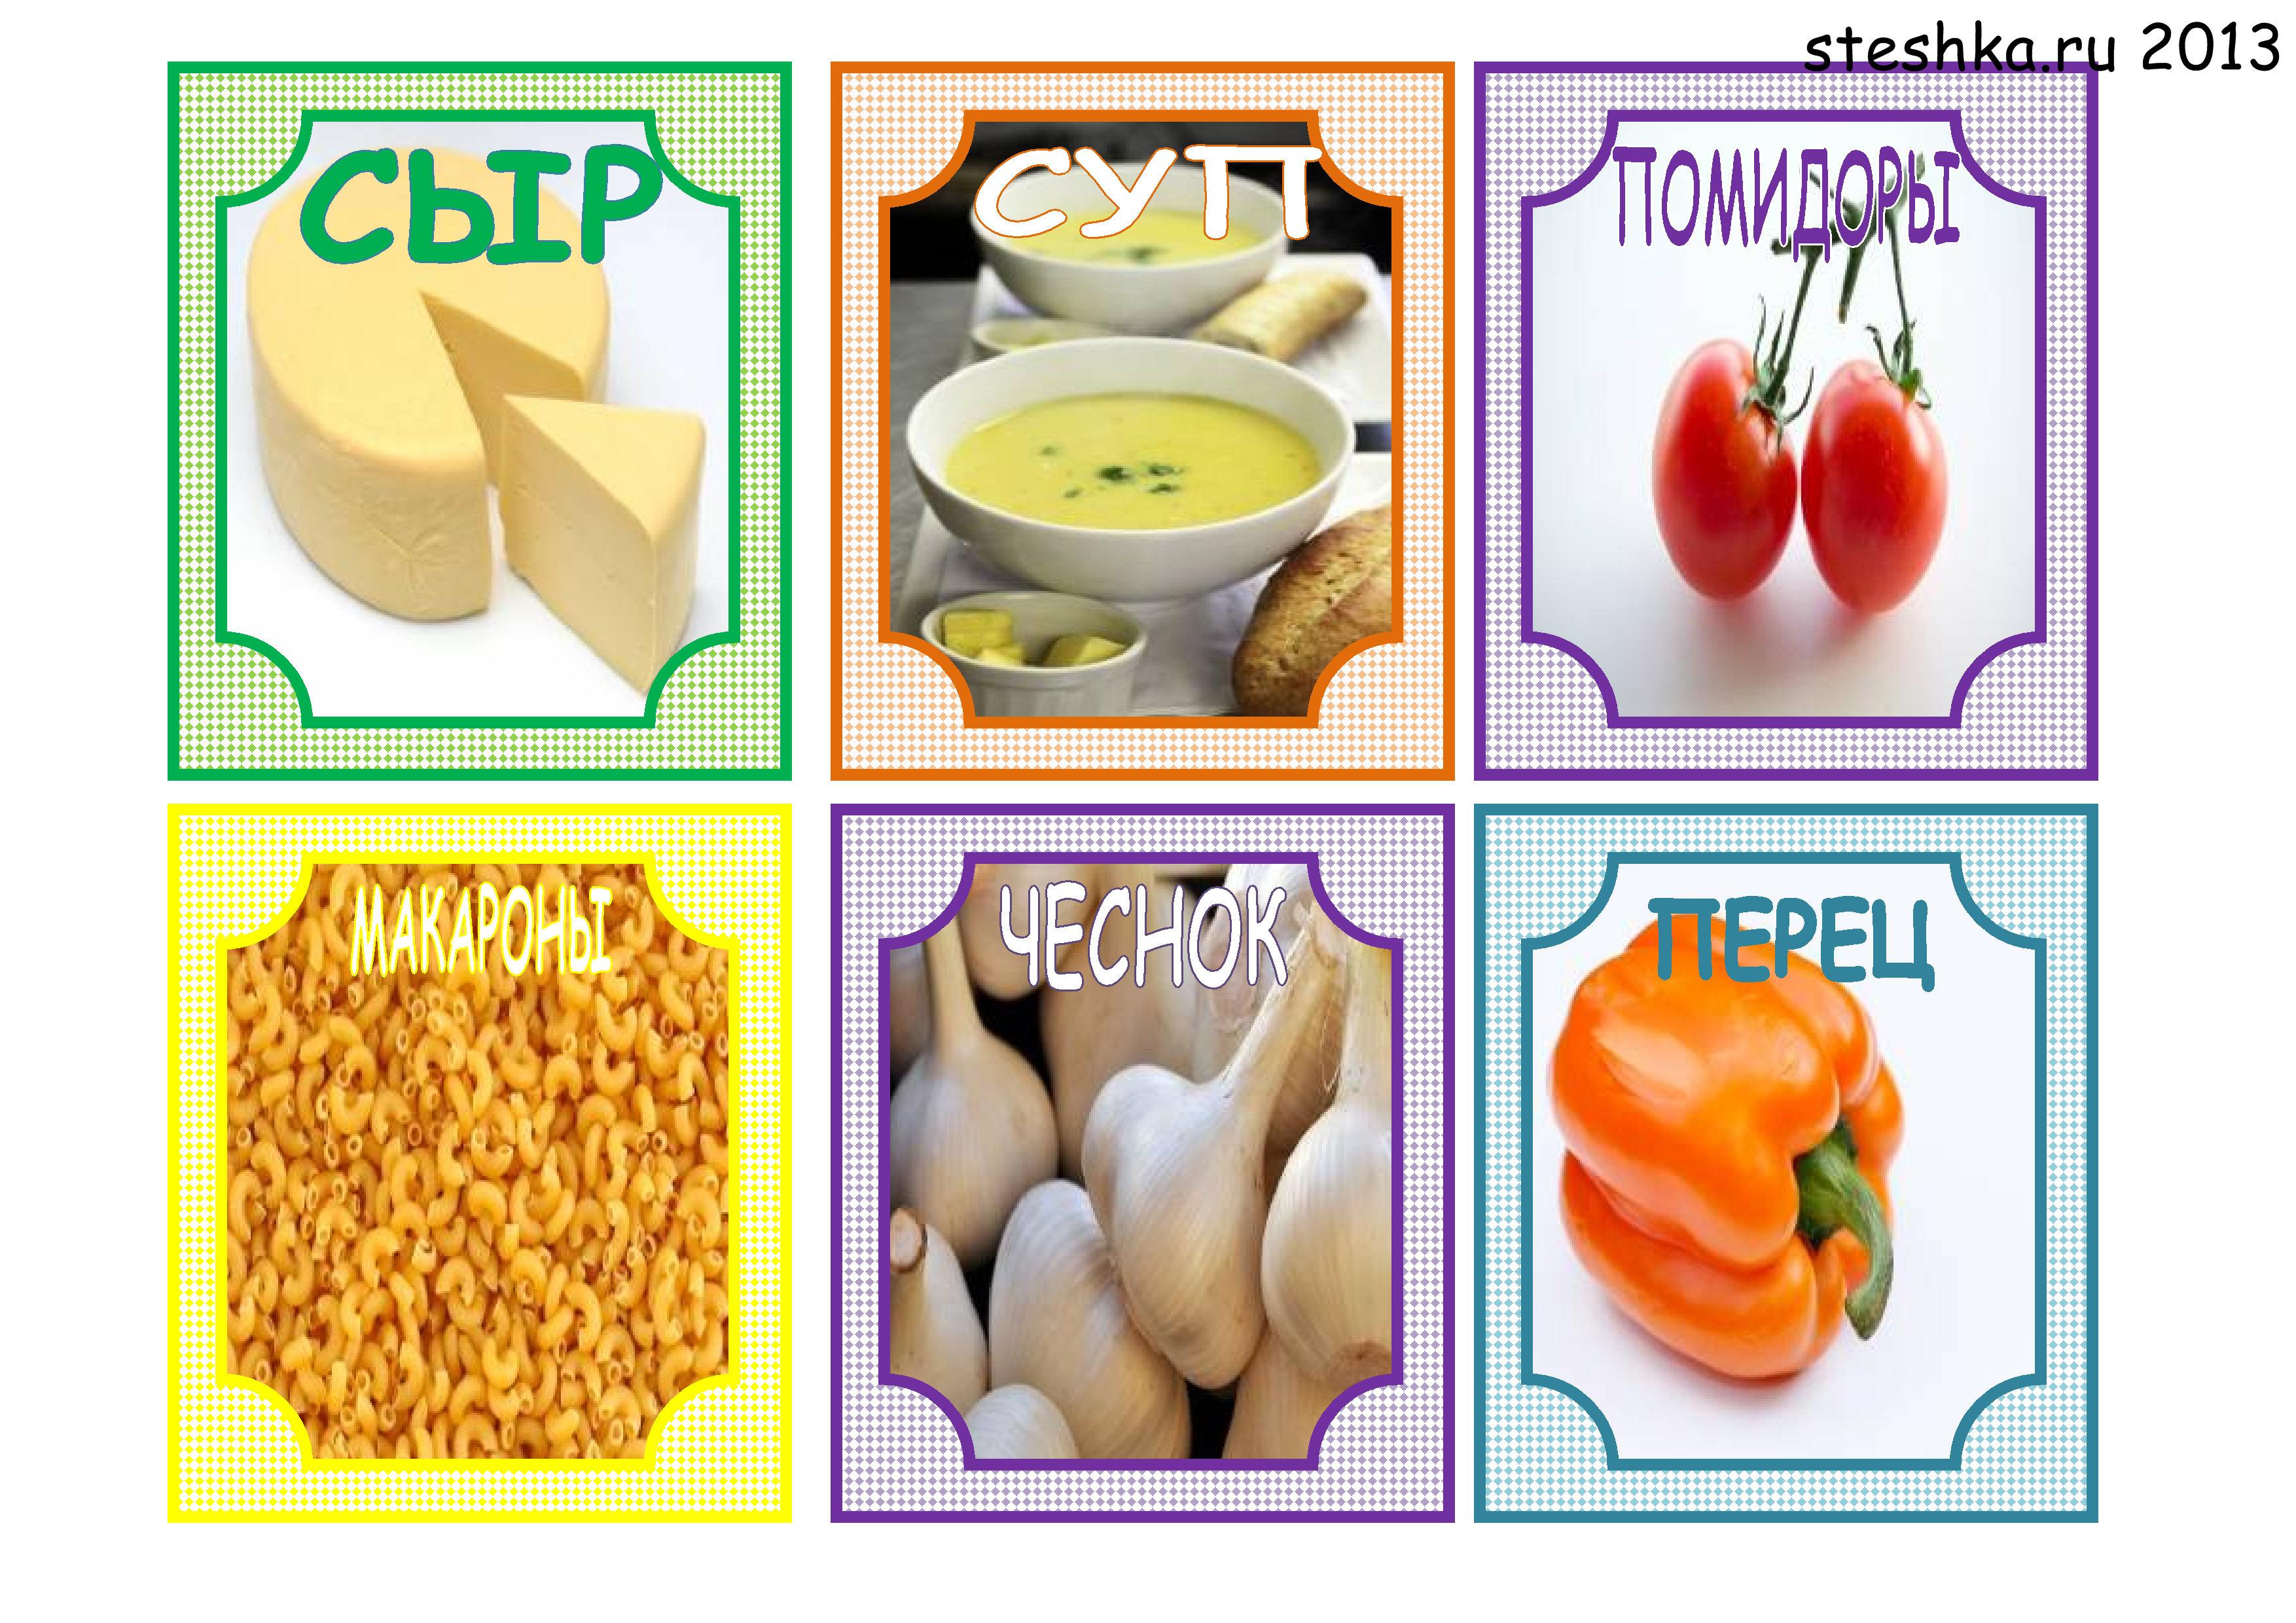 от каких продуктов отказаться чтобы похудеть